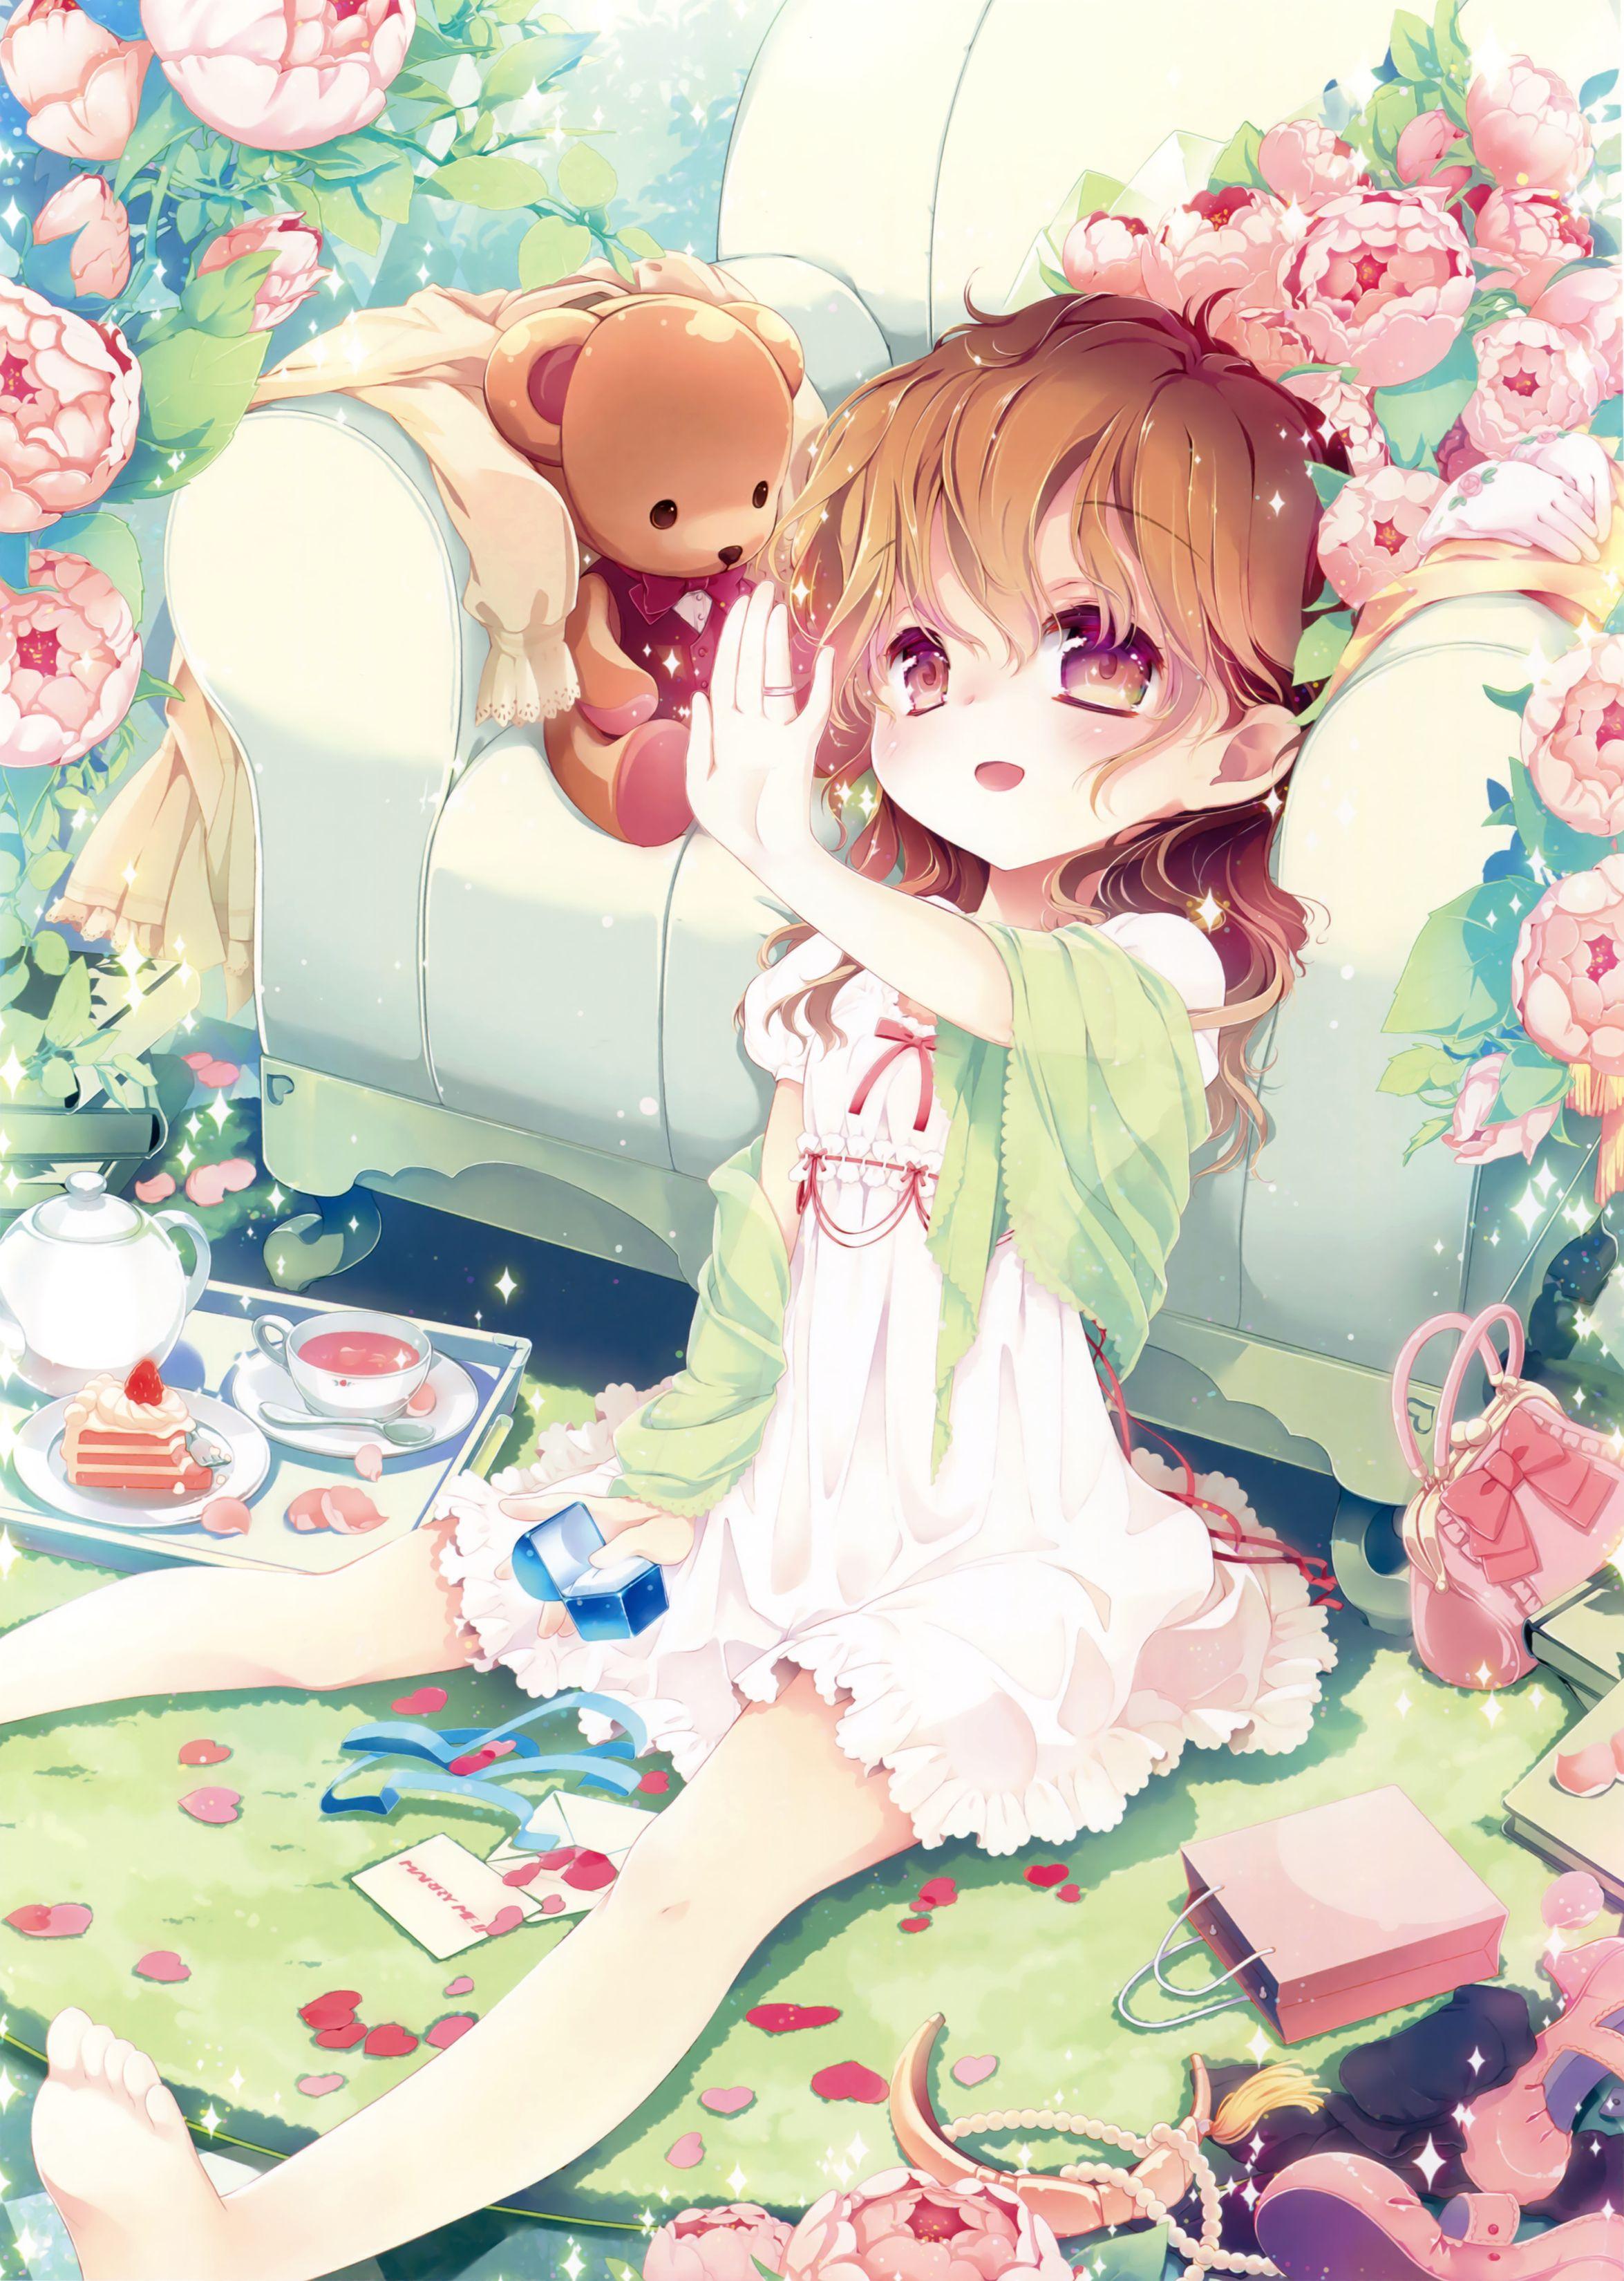 Mitaonsya/#9  Kawaii anime, Anime, Anime child